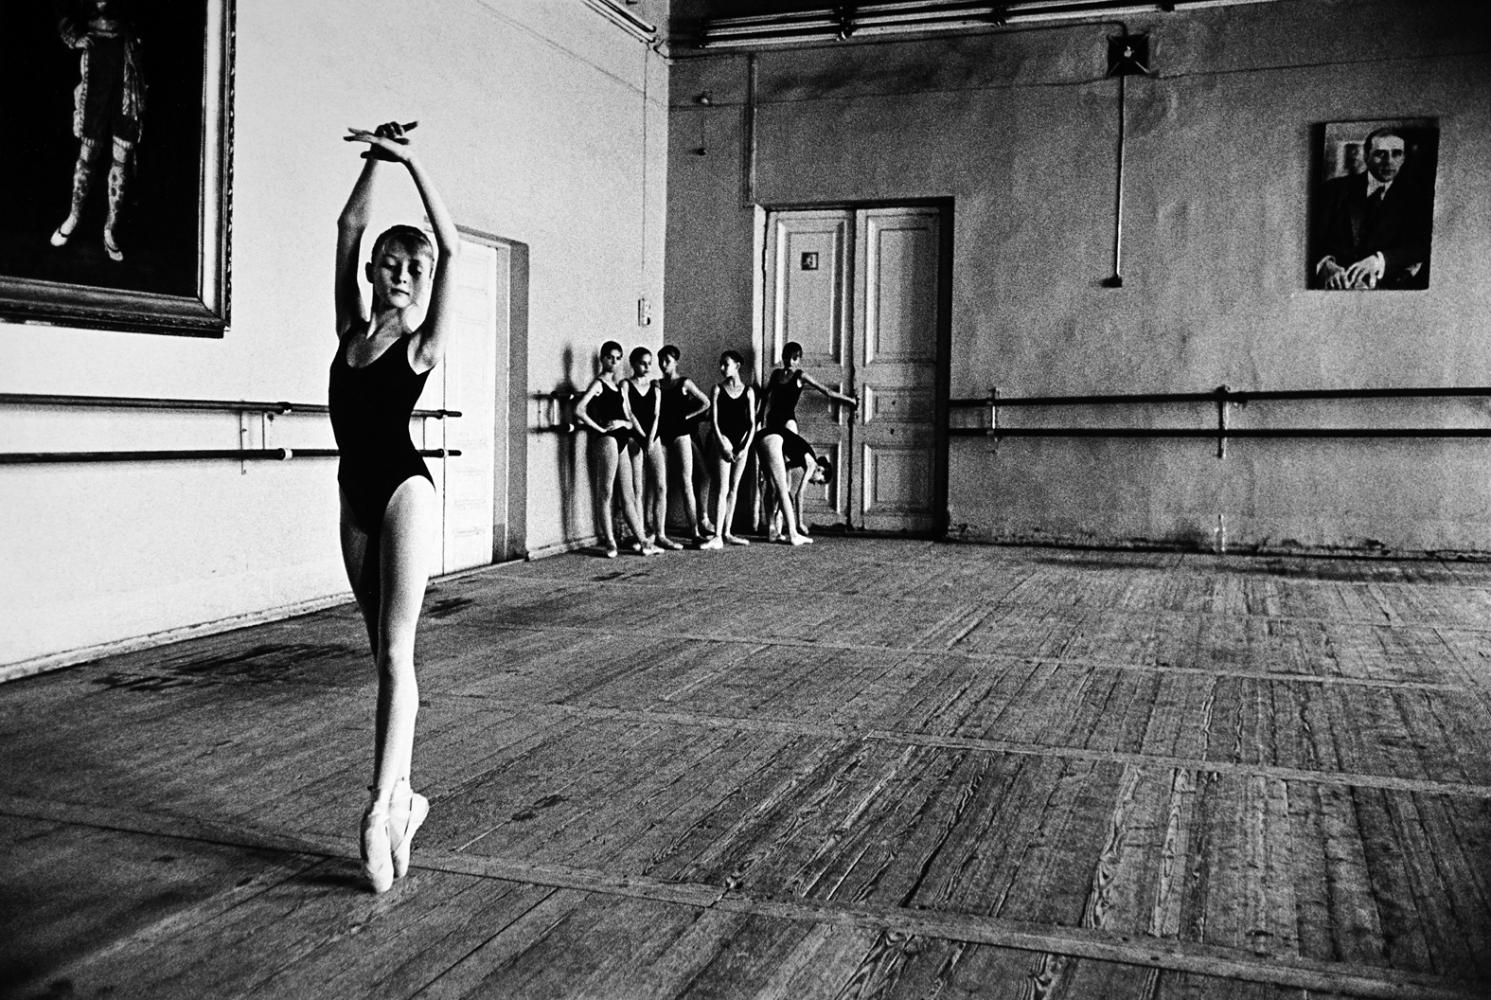 Olga, Vaganova School